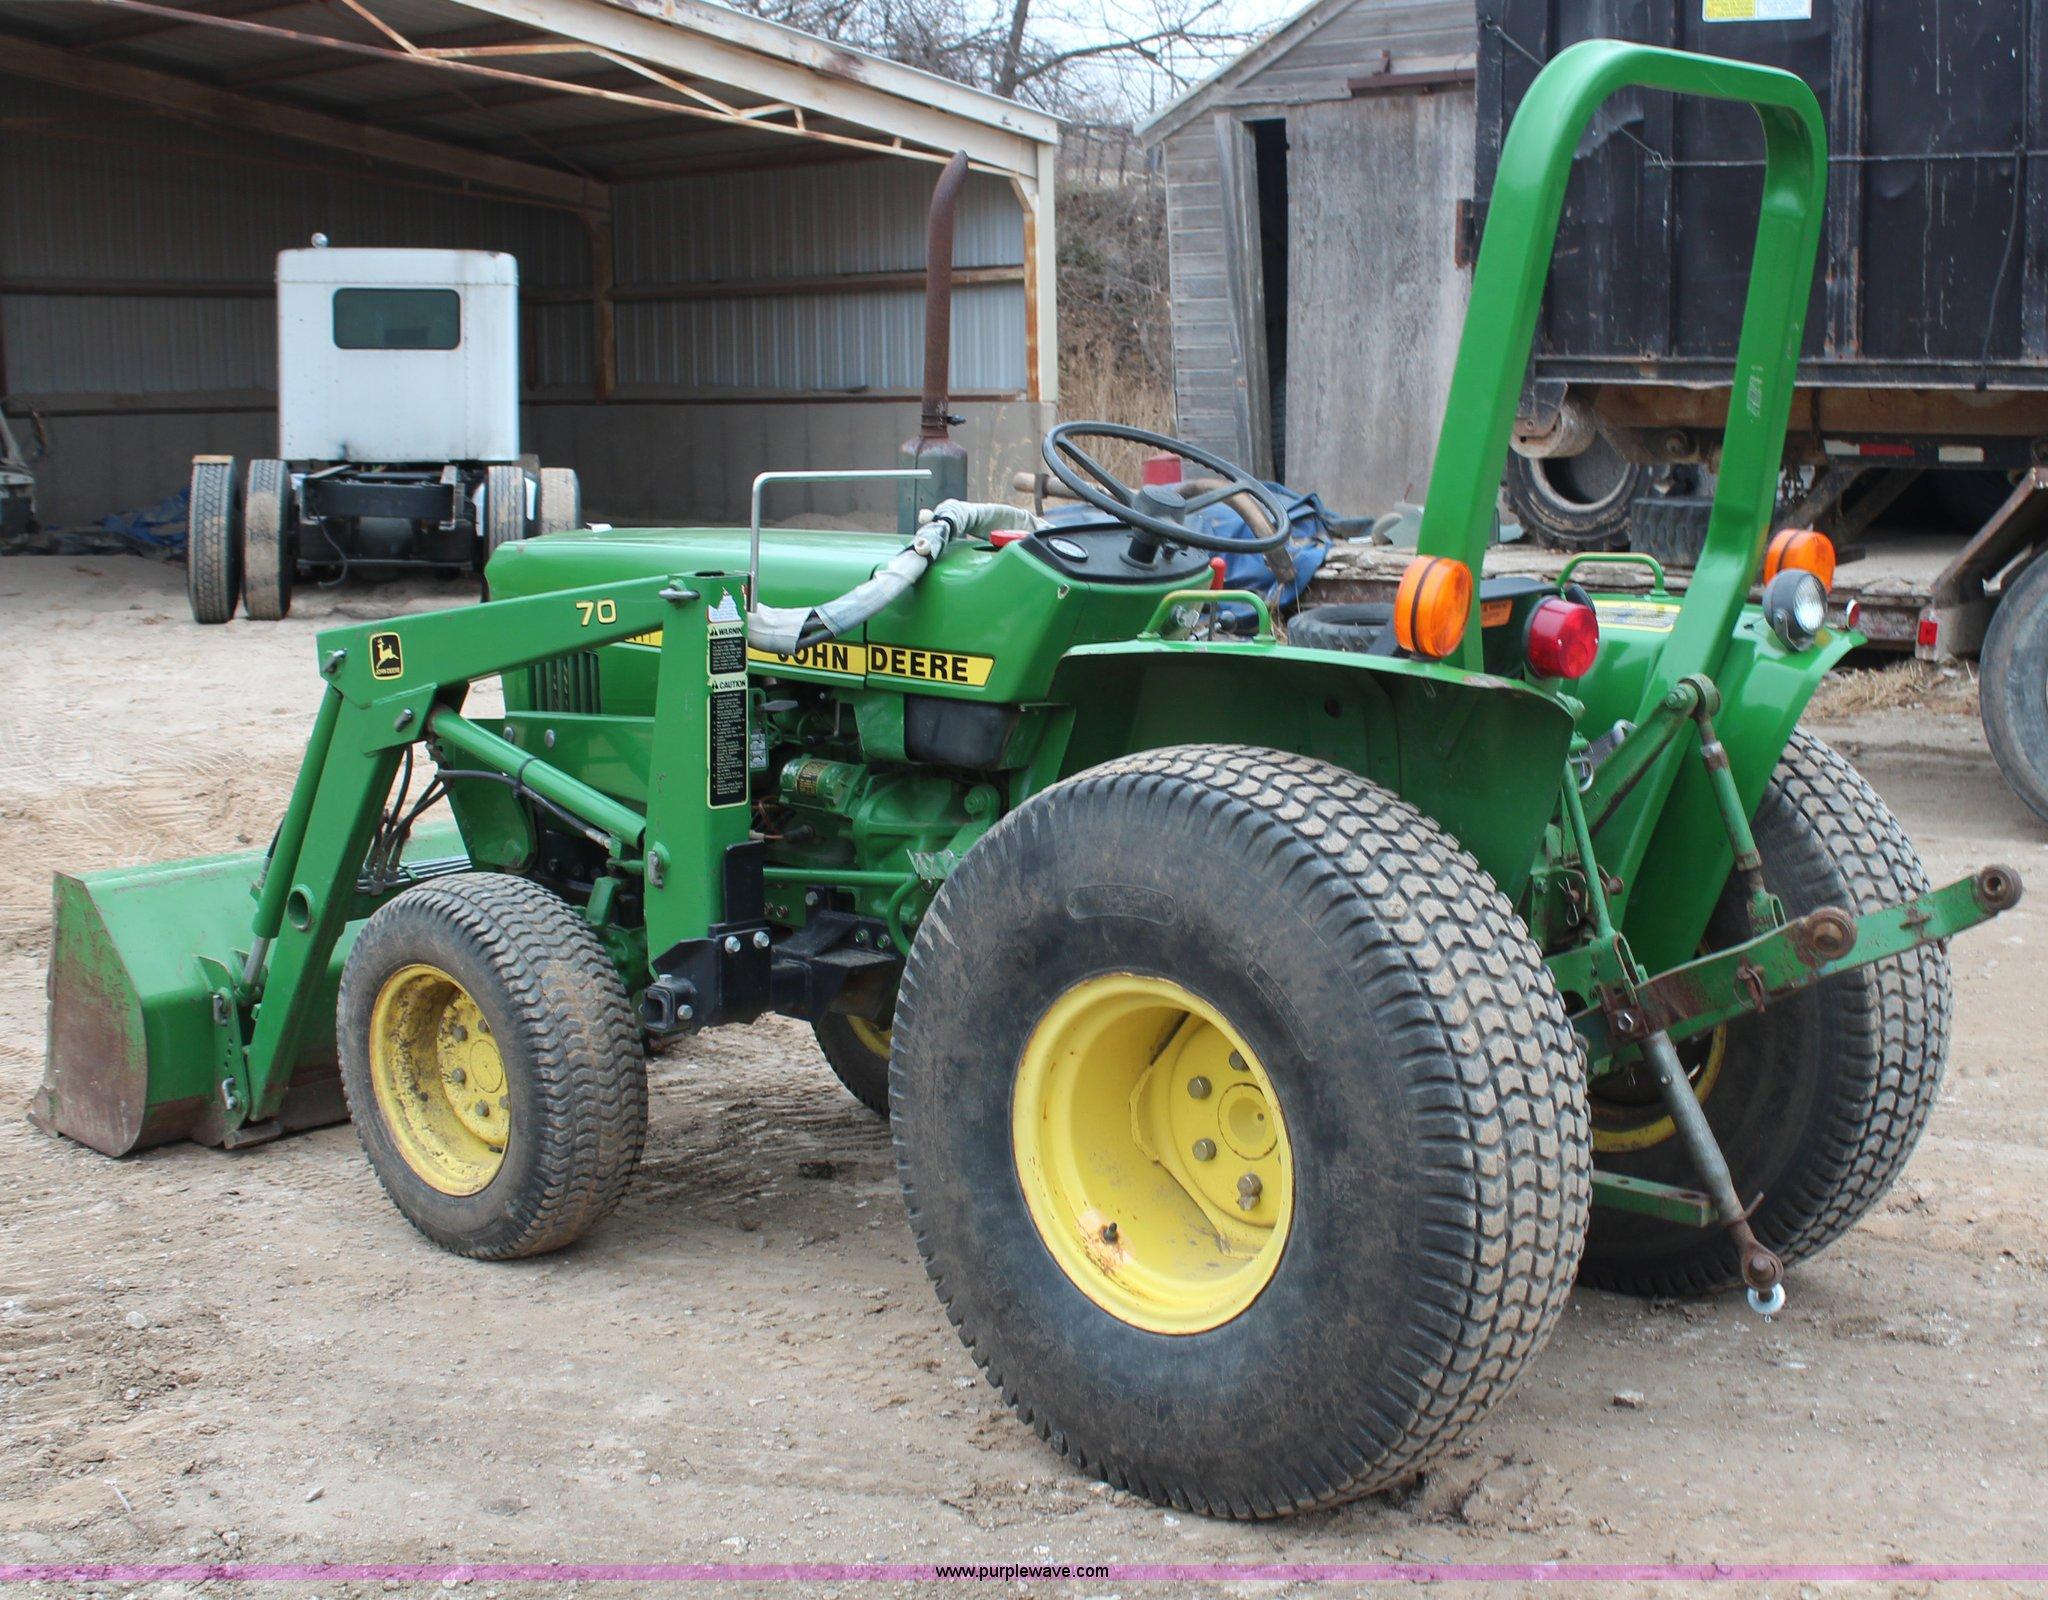 1985 John Deere 750 Mfwd Tractor Item C1680 Sold Decemb. John Deere 750 Mfwd Tractor Full Size In New Window. John Deere. 750 John Deere Schematics At Scoala.co